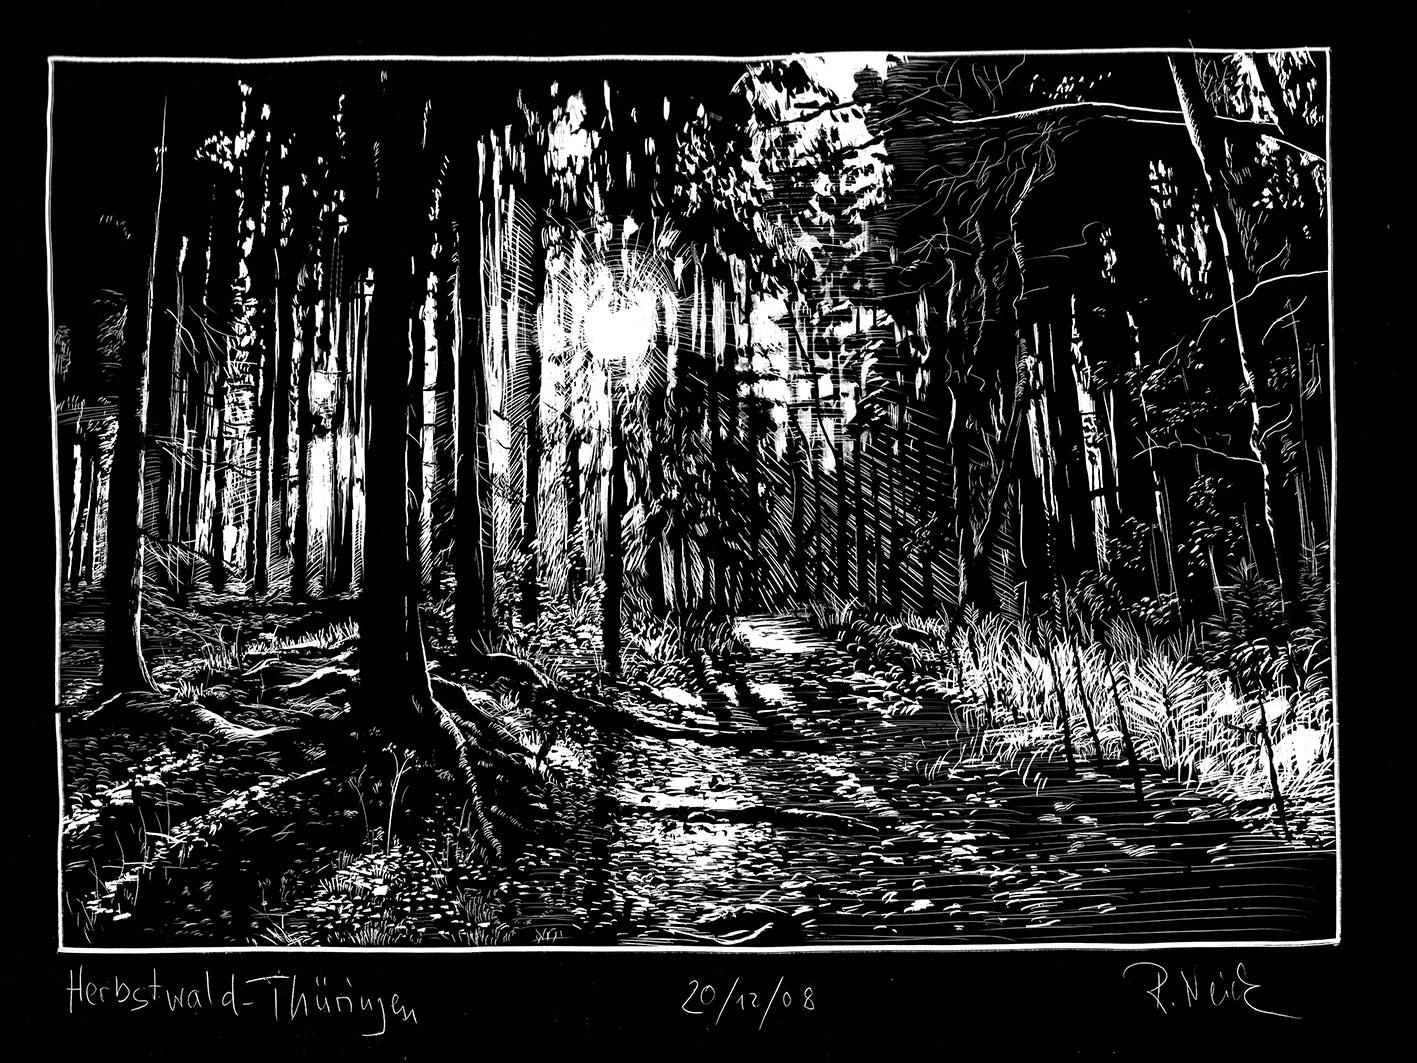 201208_Herbstwald